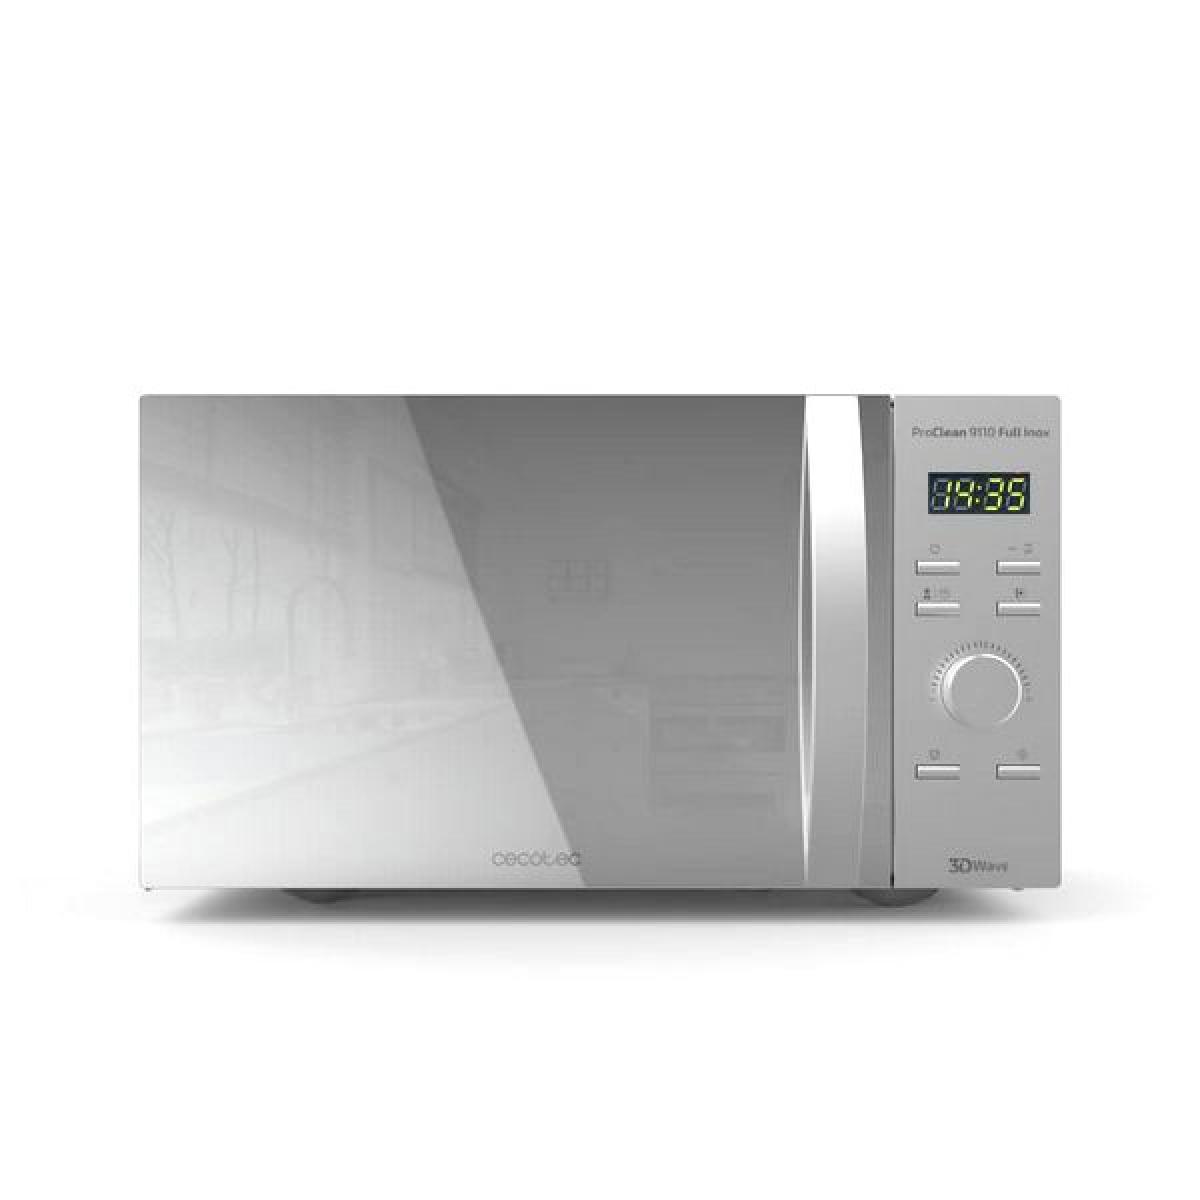 Totalcadeau Micro-ondes avec Gril 30 L 1000W Argenté